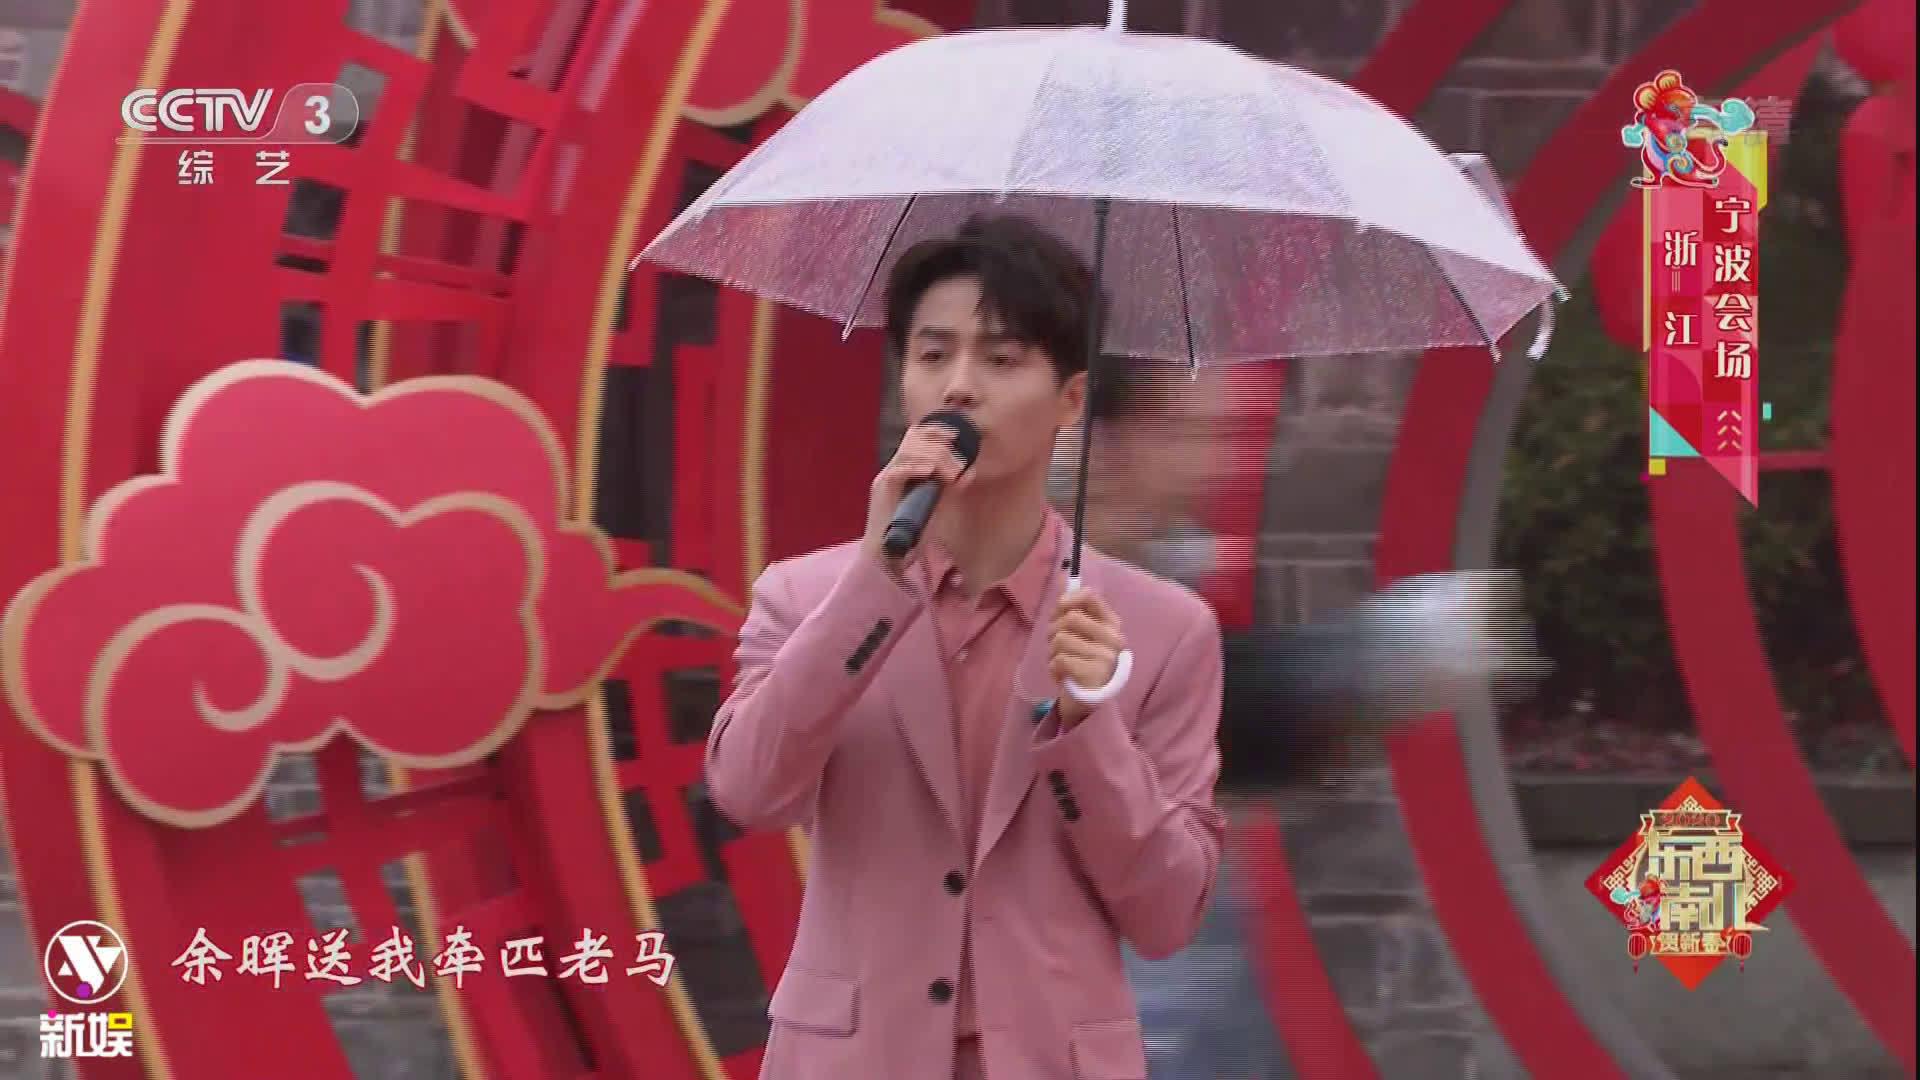 身着藕粉色西装,手撑透明雨伞,阳光帅气